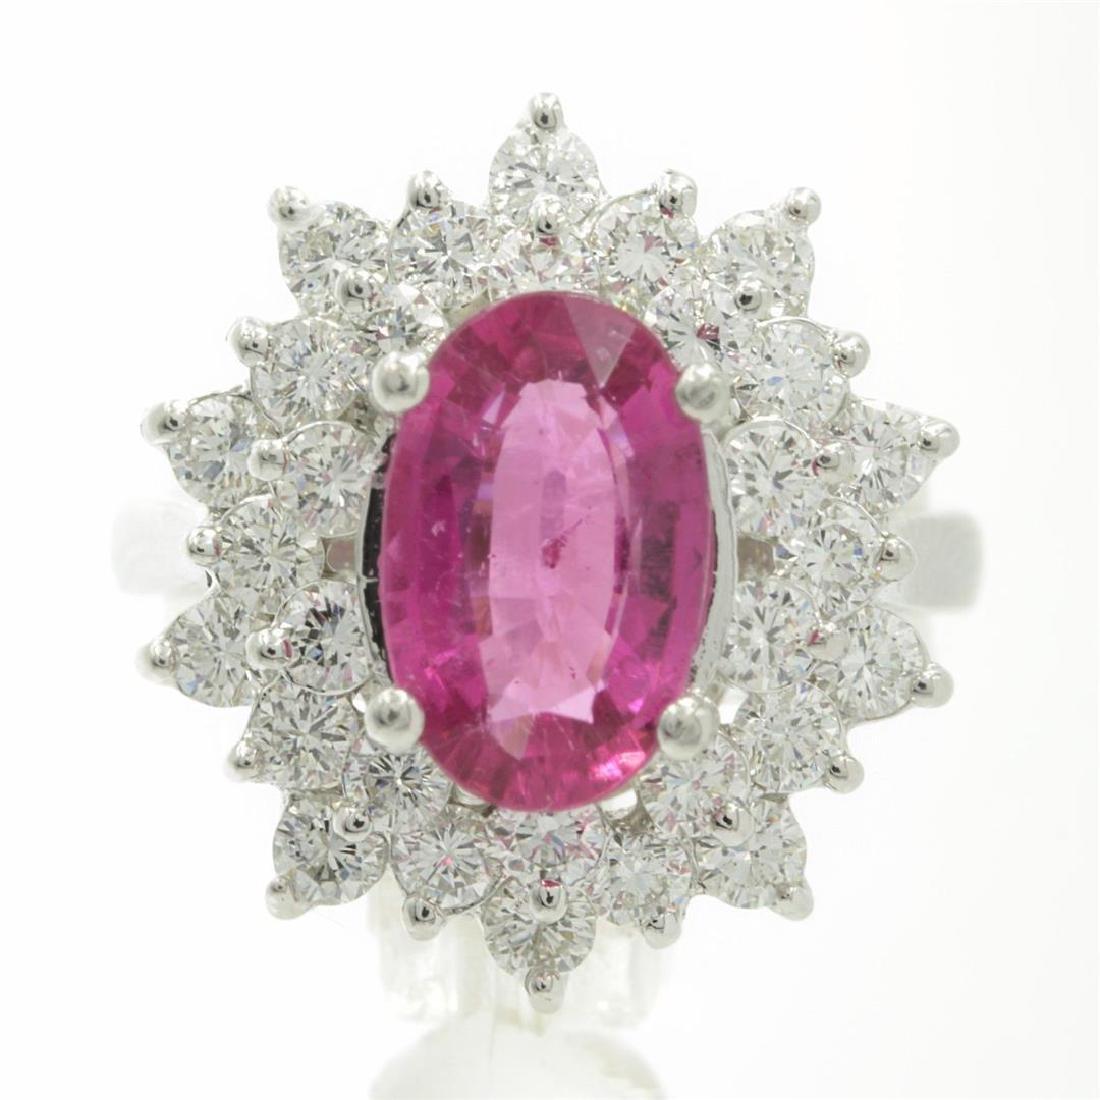 3.66 Carat Round Cut Rubellite Diamonds Oval Cut Flower